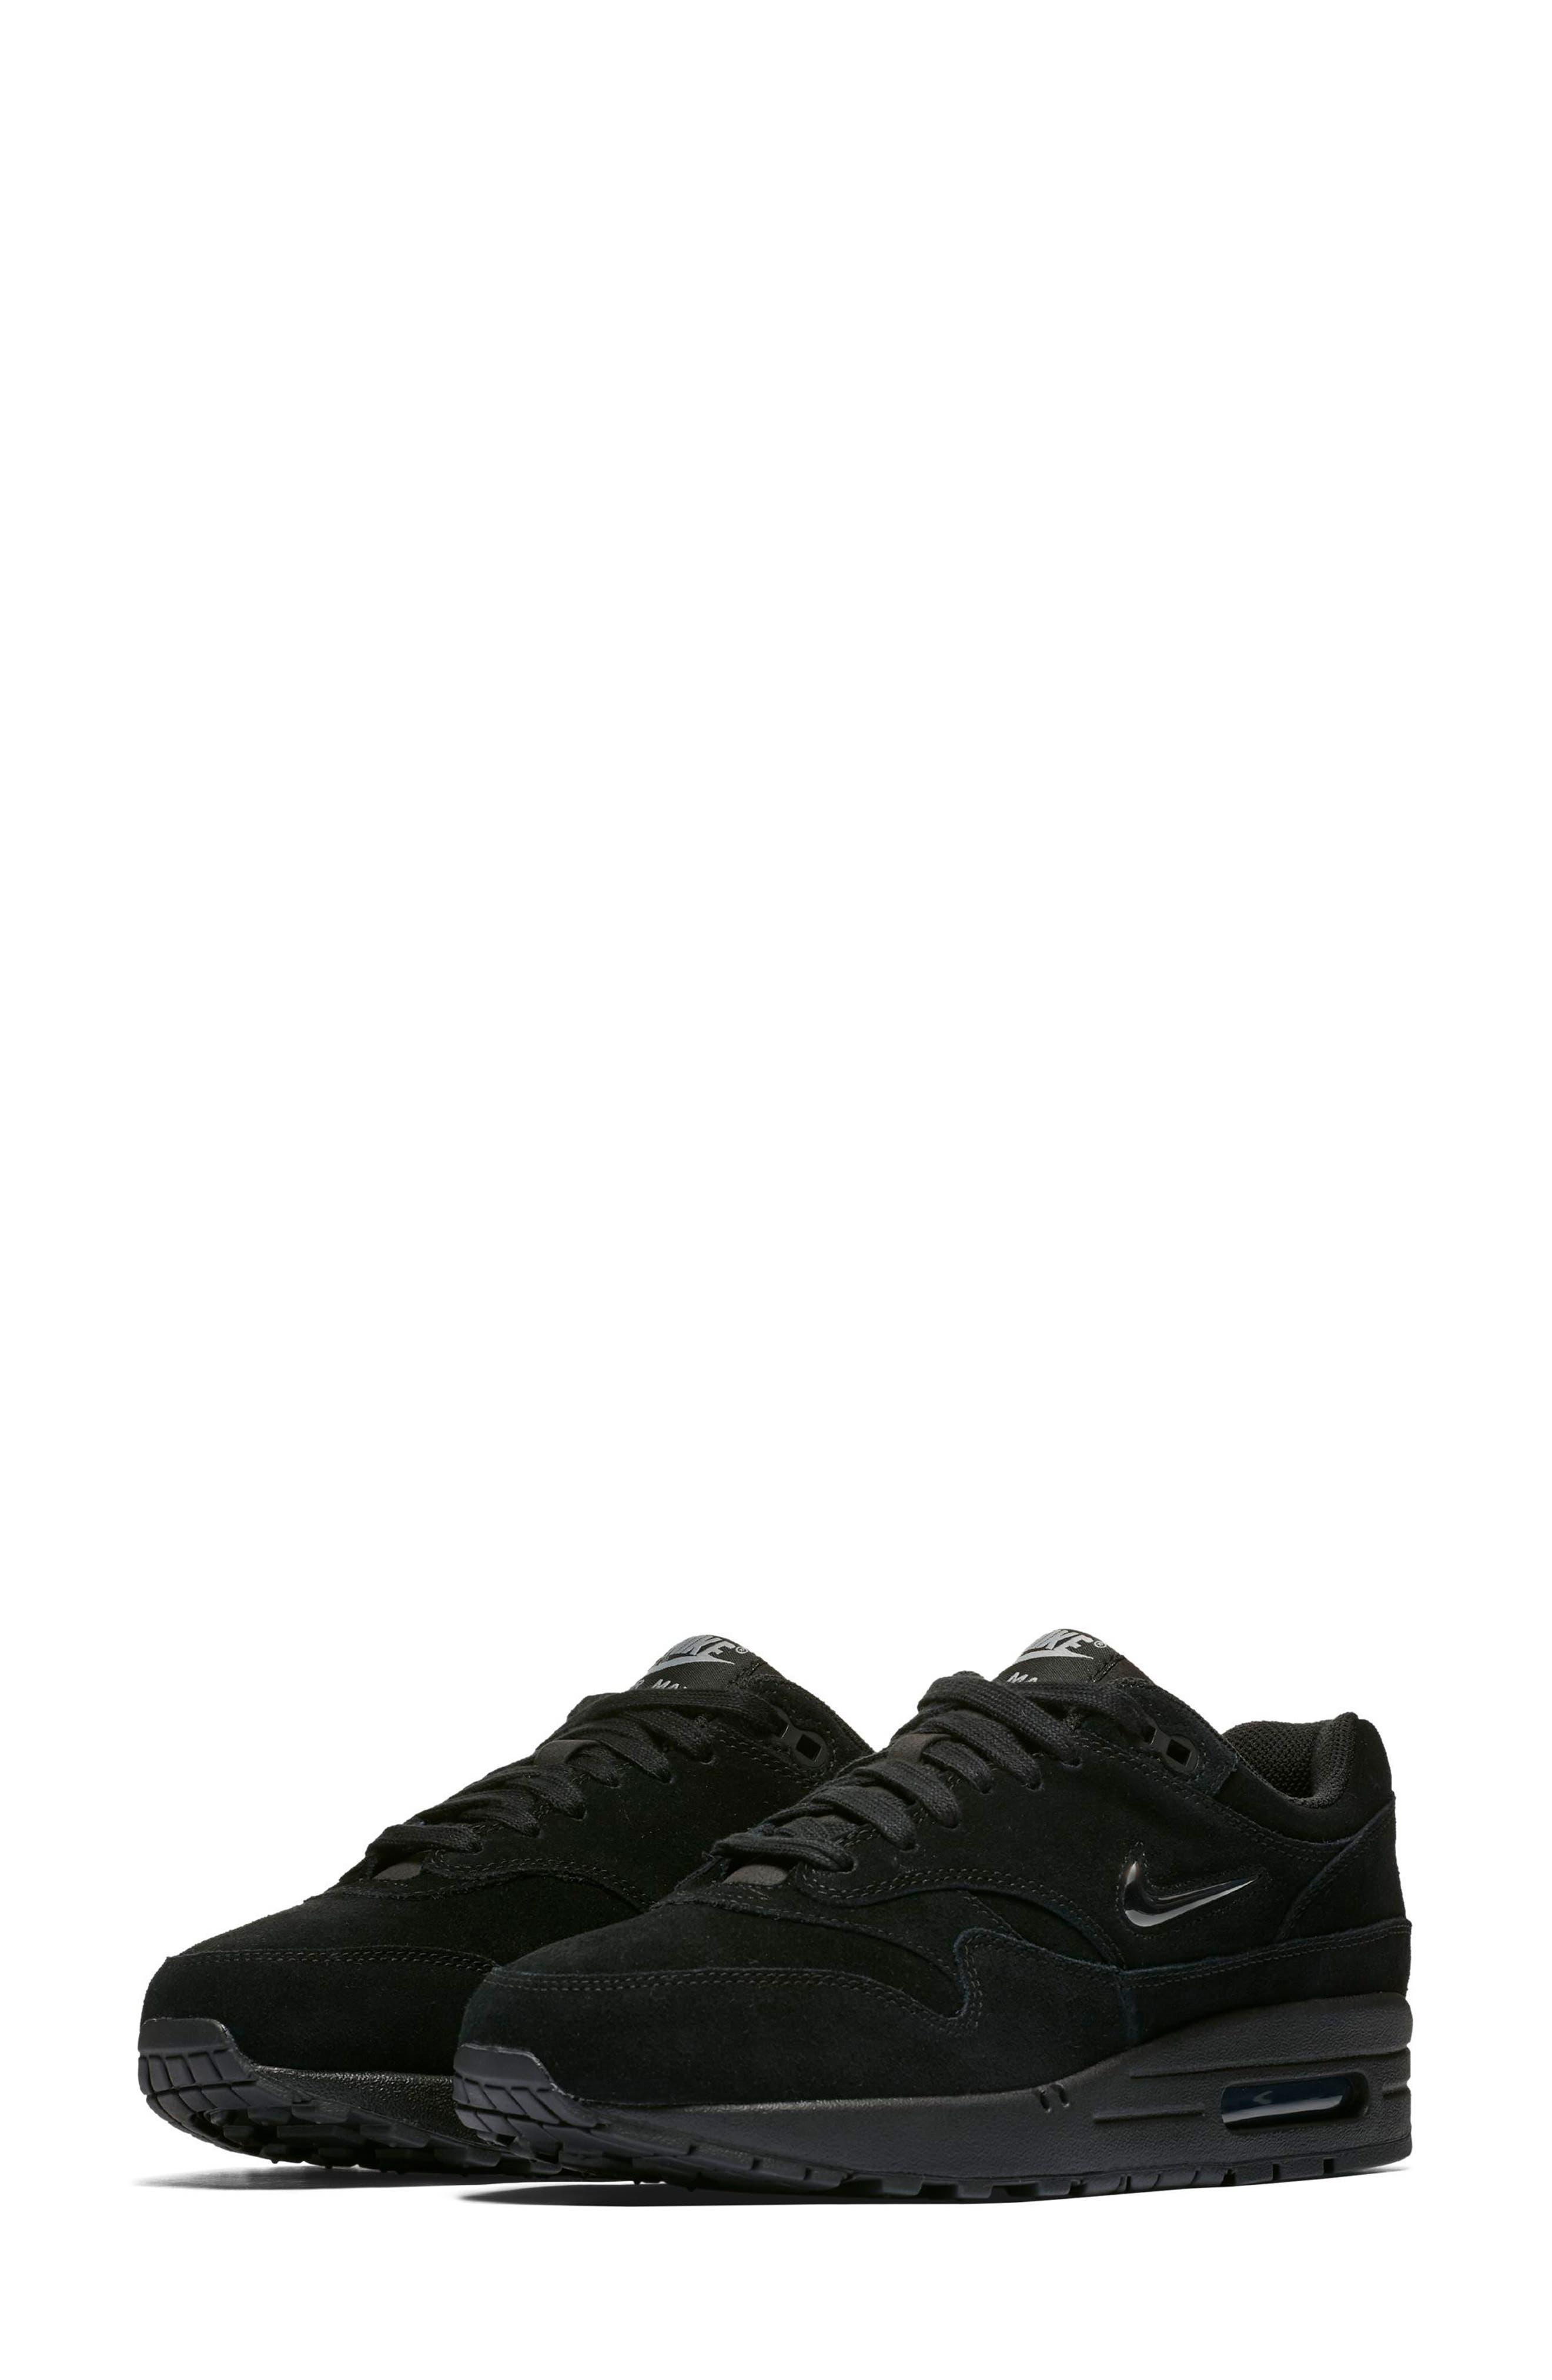 Nike Air Max 1 Premium SC Sneaker